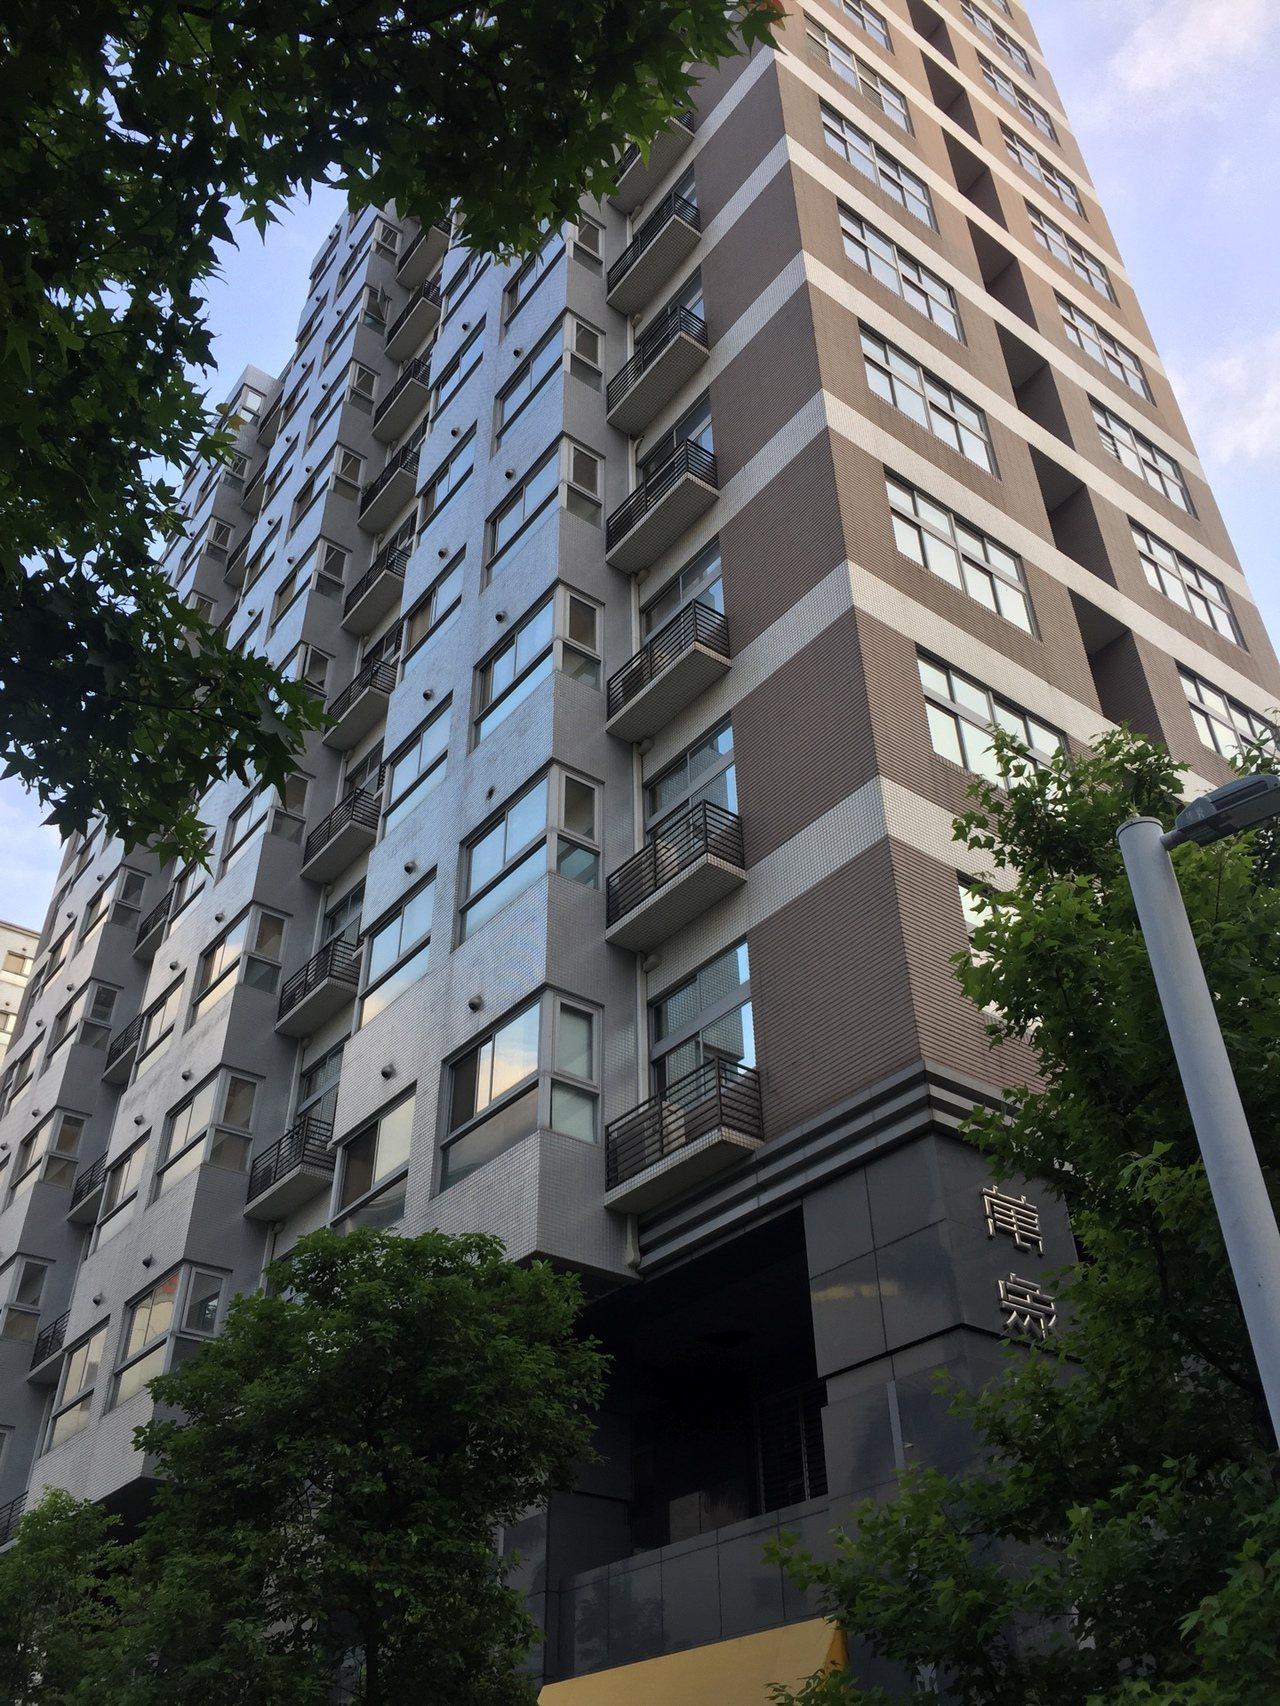 工業區不得為住宅使用,不過,台北市工業宅「萬象之都」卻出現每坪9字頭身價。台灣房...